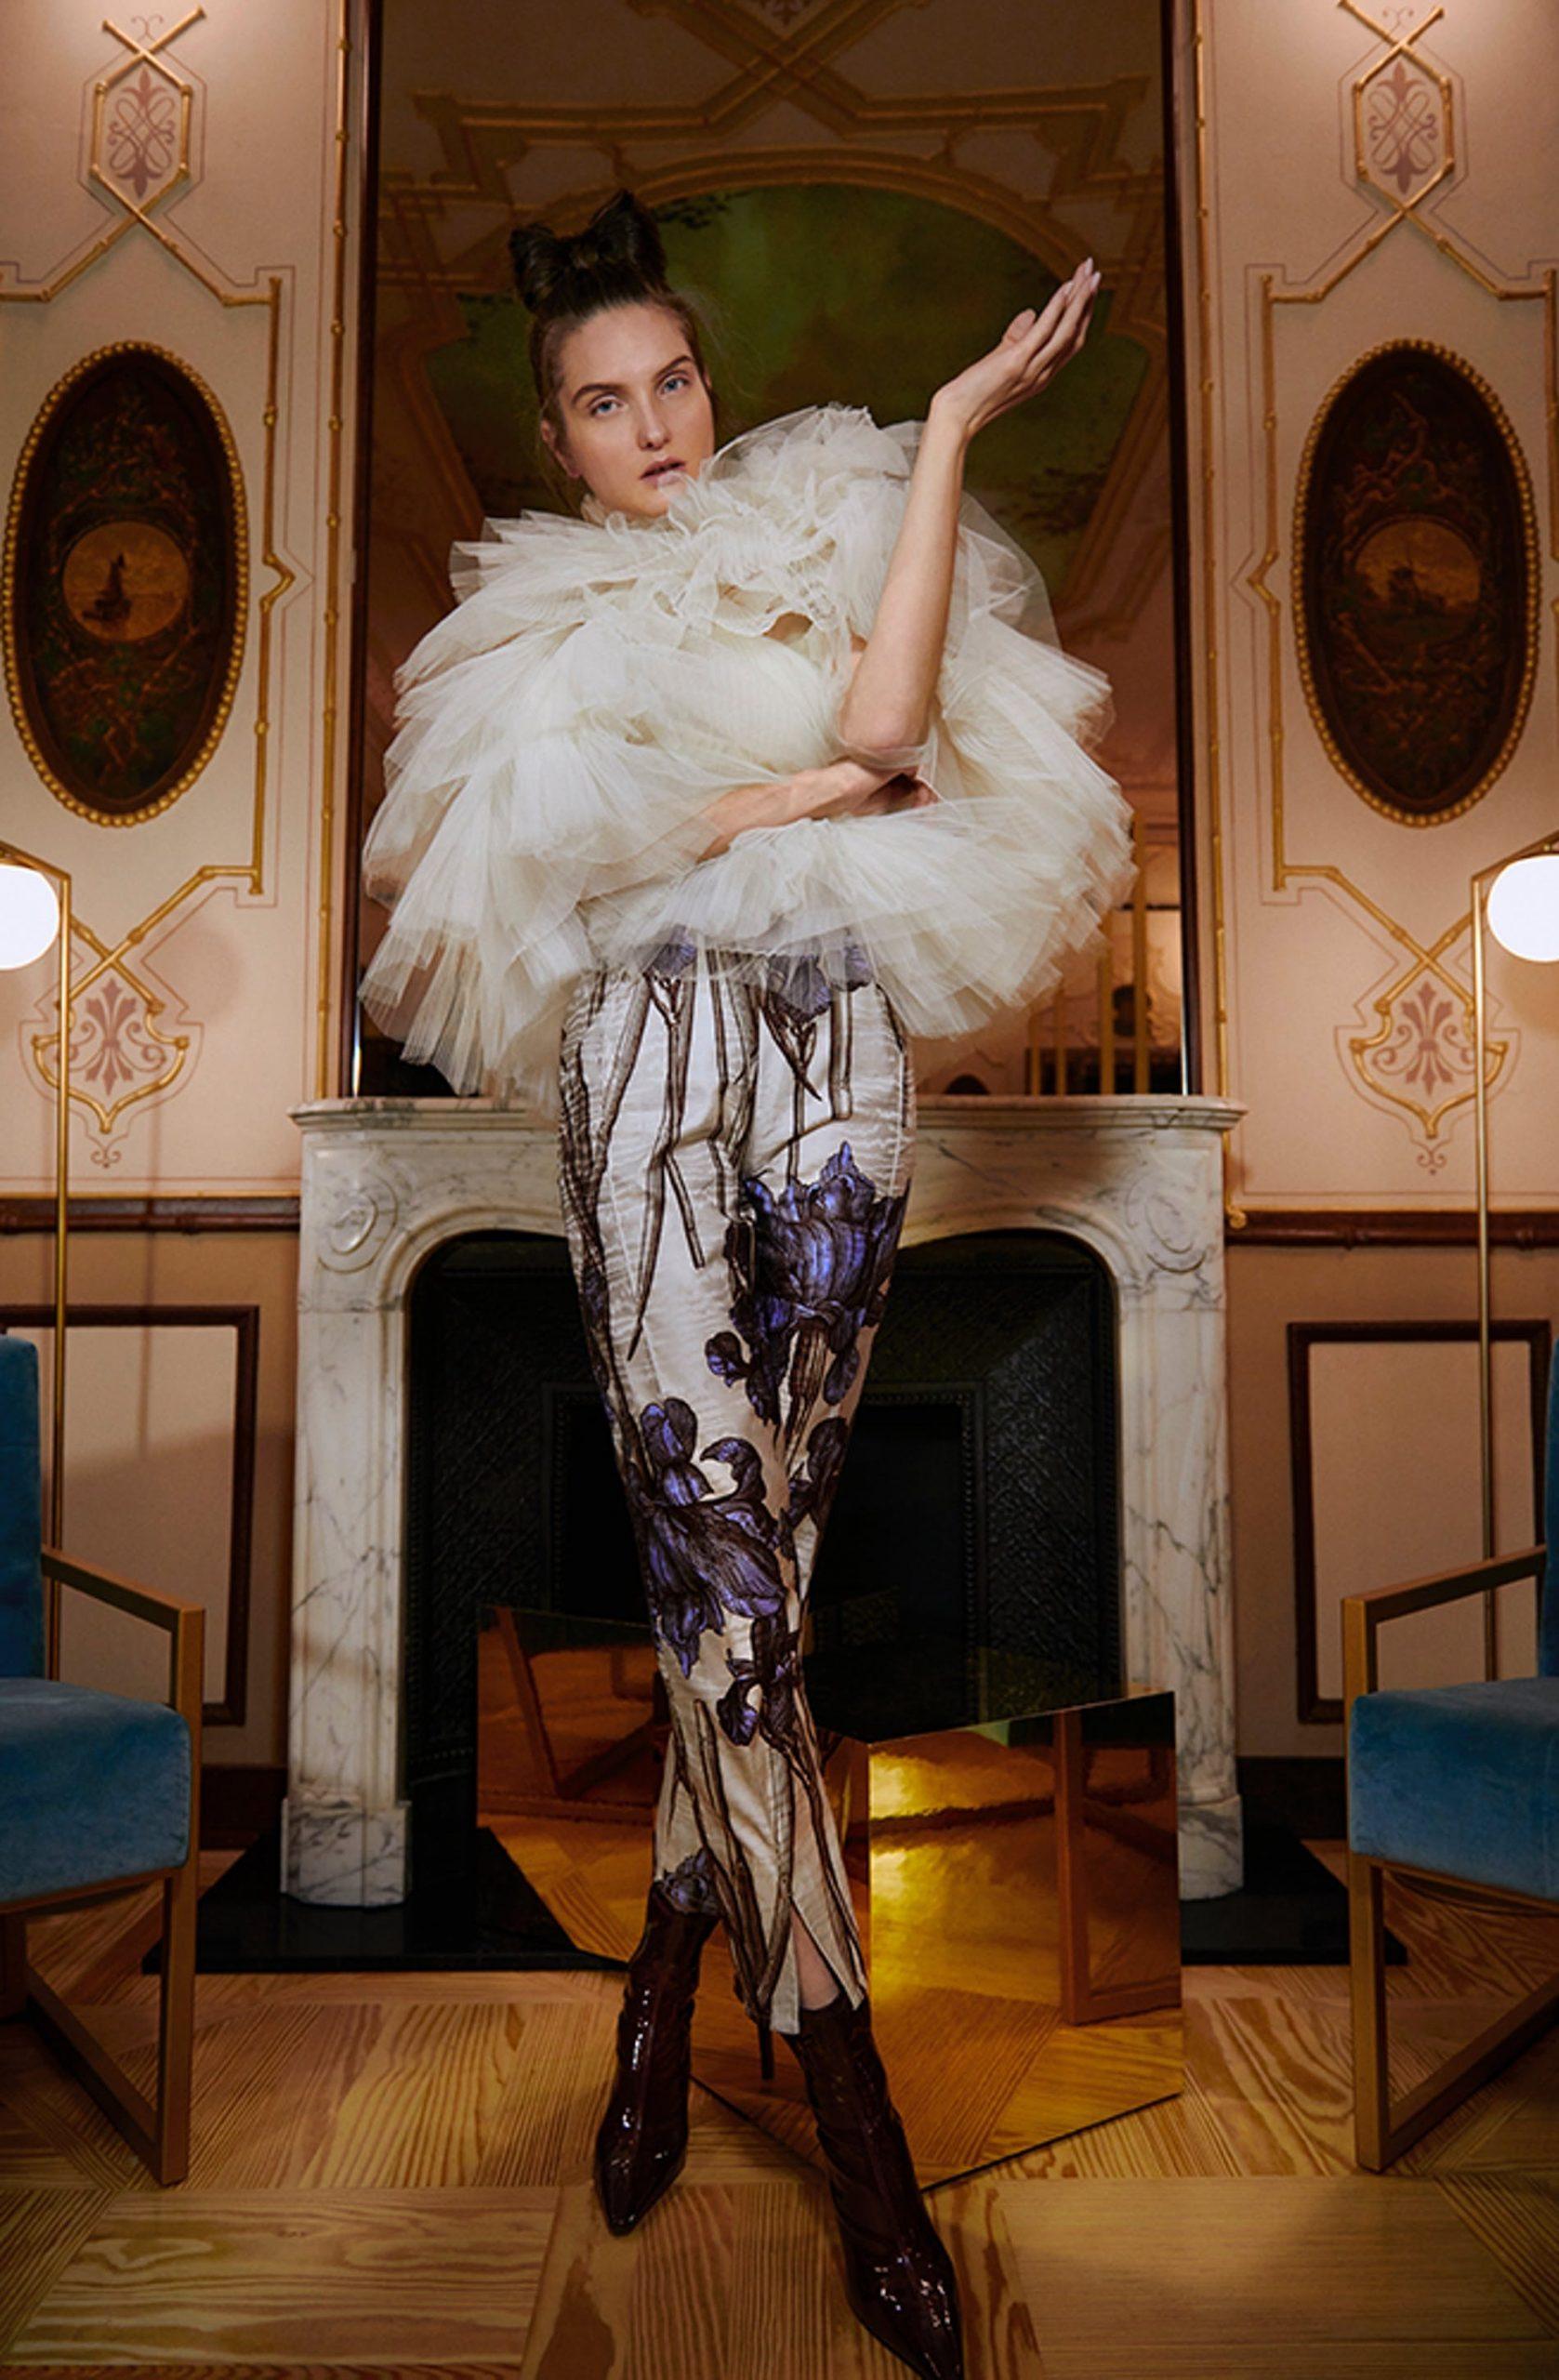 pantalon fiesta flores lofficiel_matsustudio